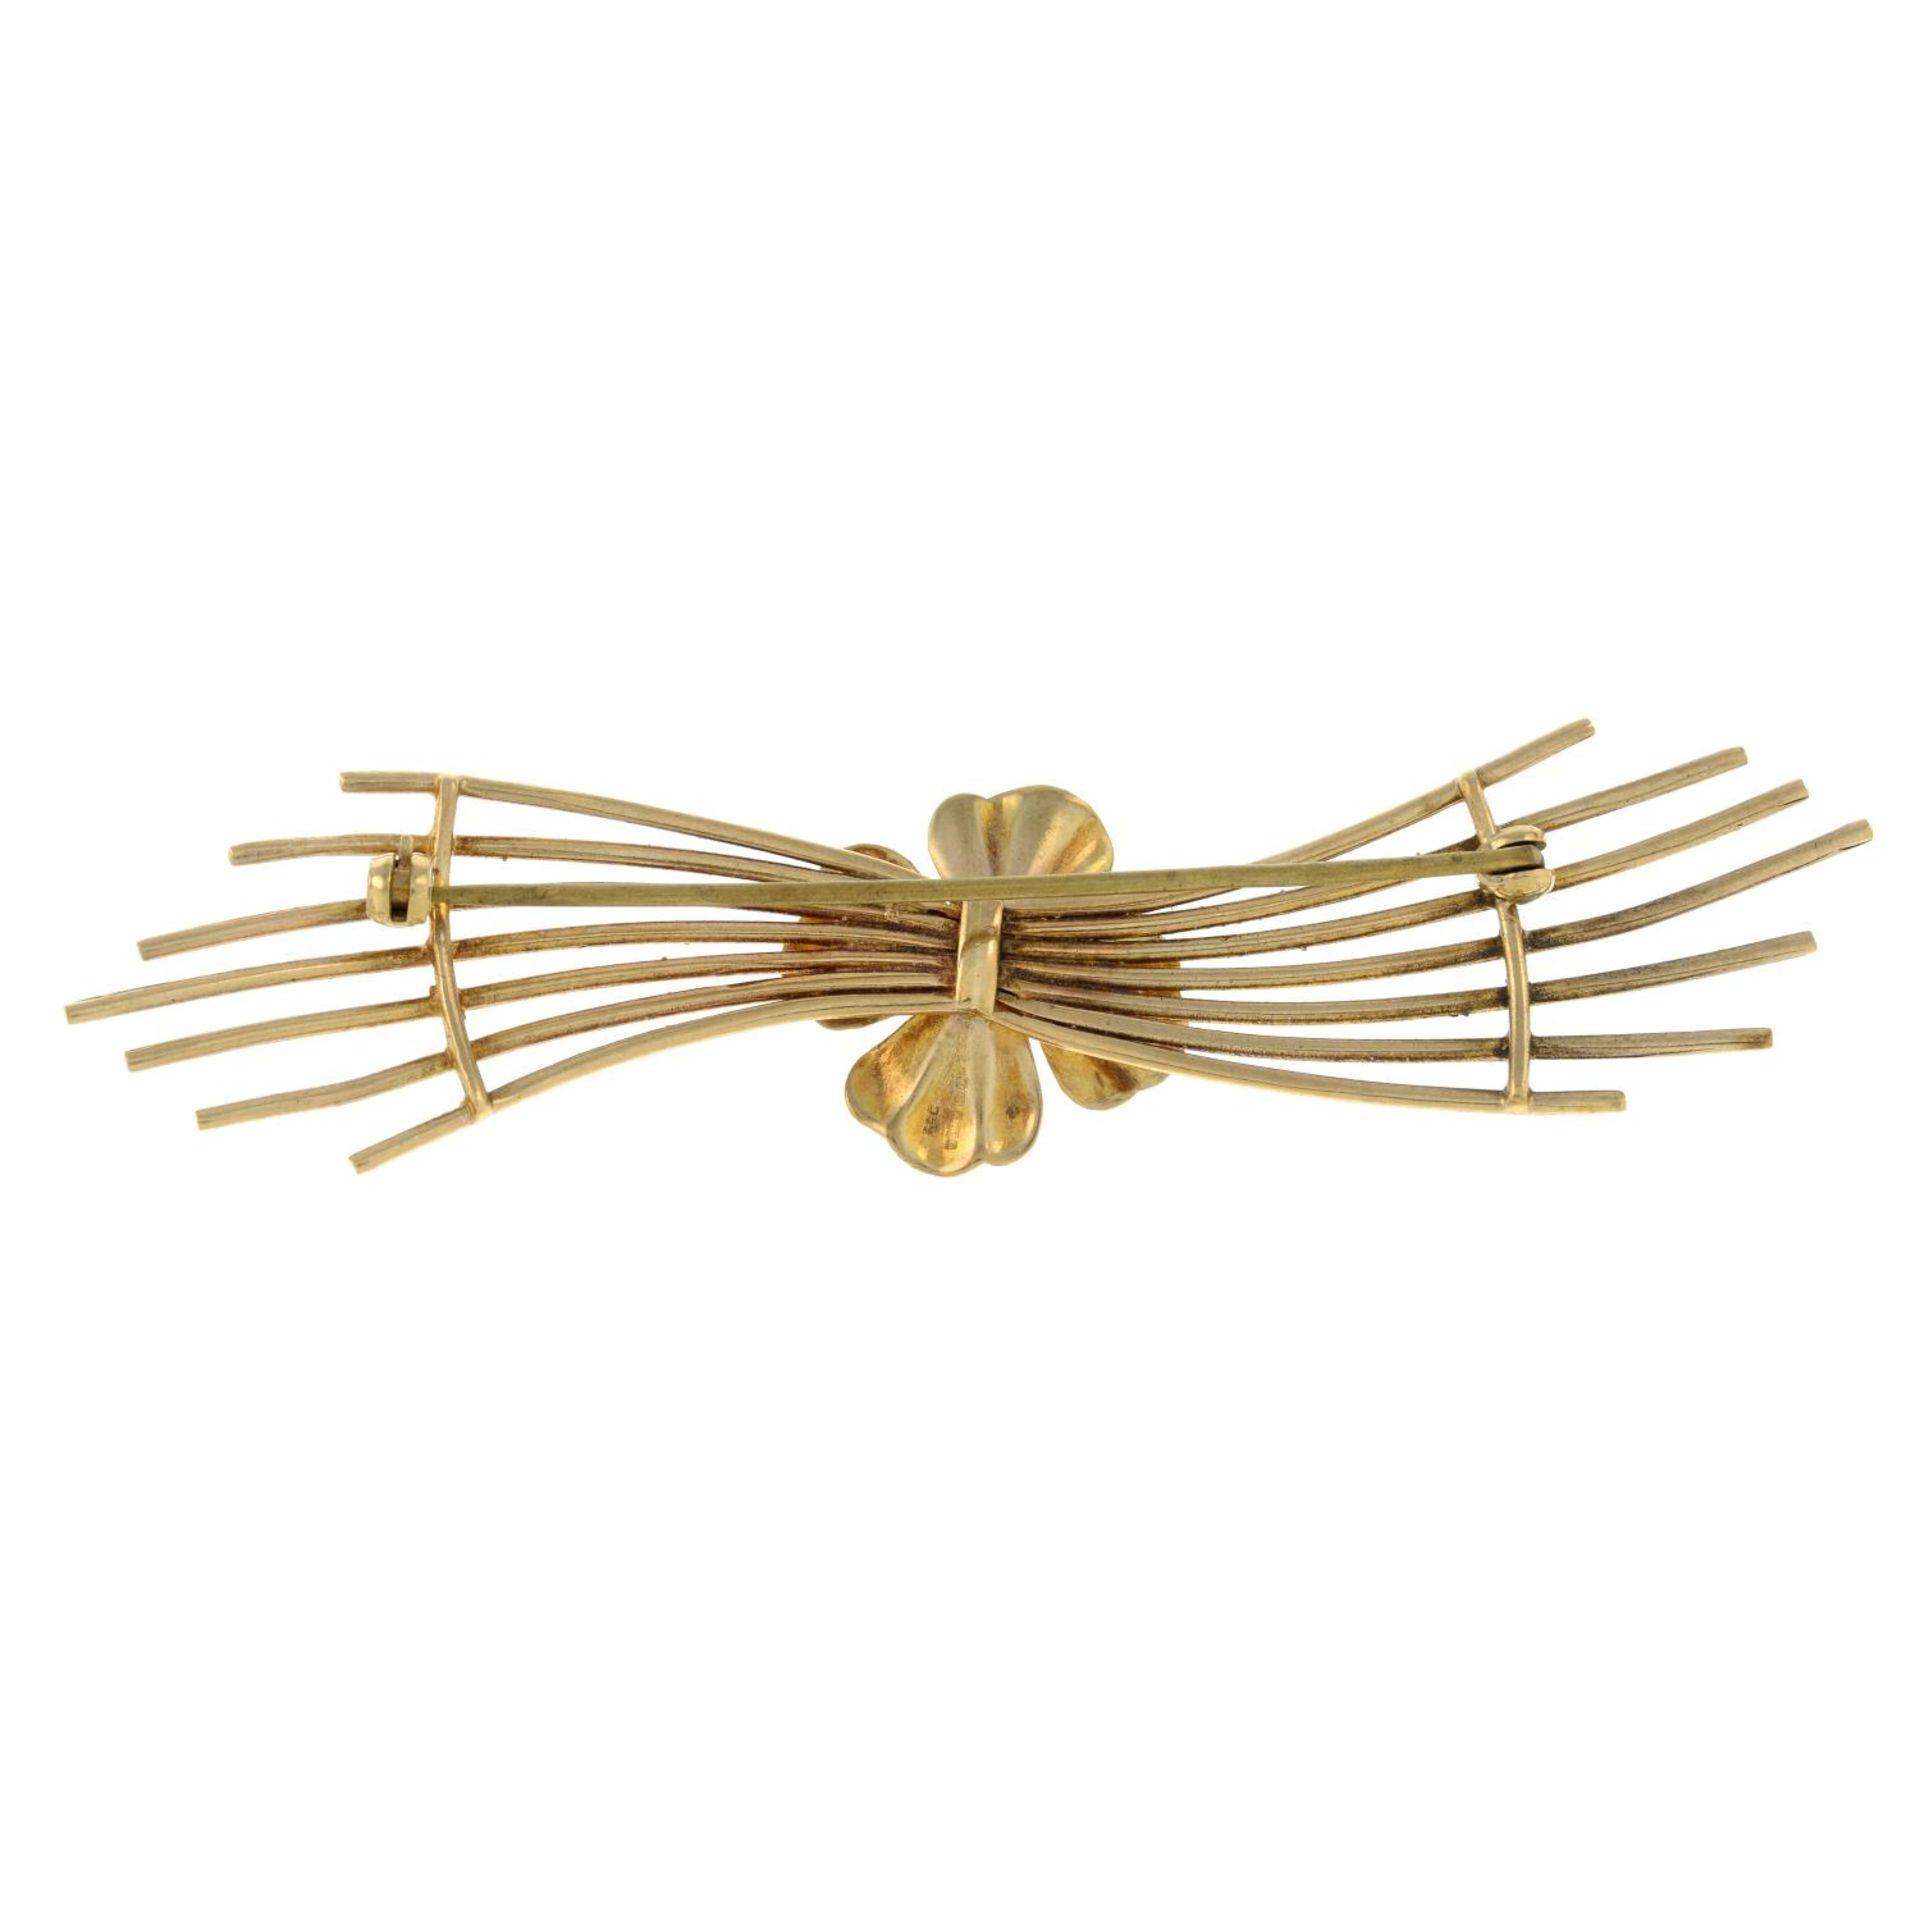 A 9ct gold garnet stylised flower brooch.Hallmarks for 9ct gold. - Bild 2 aus 2